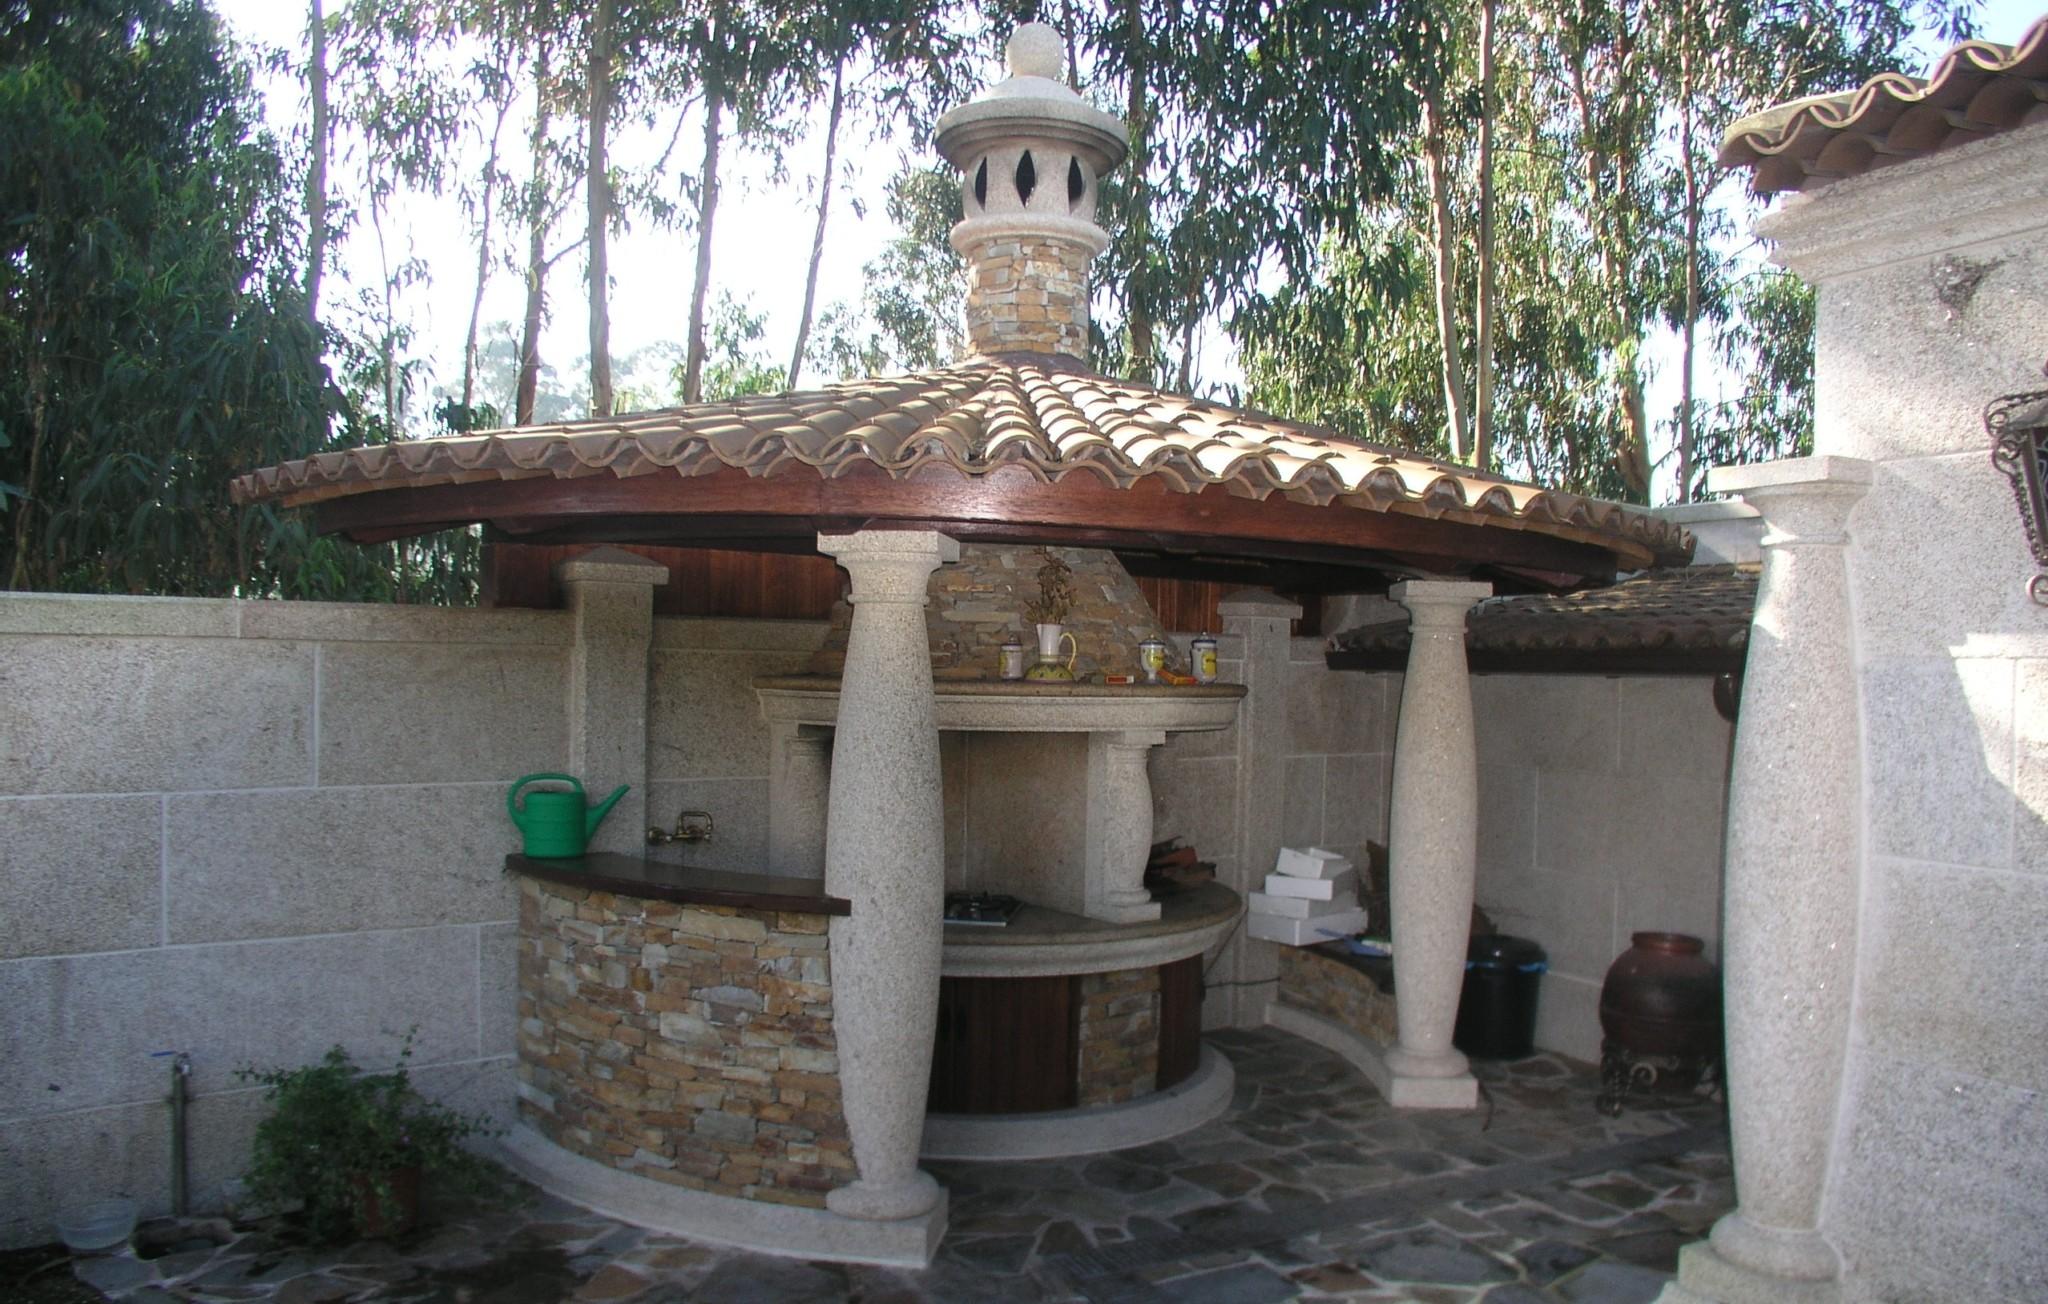 Comprar barbacoas de piedra en for Barbacoas de piedra para jardin